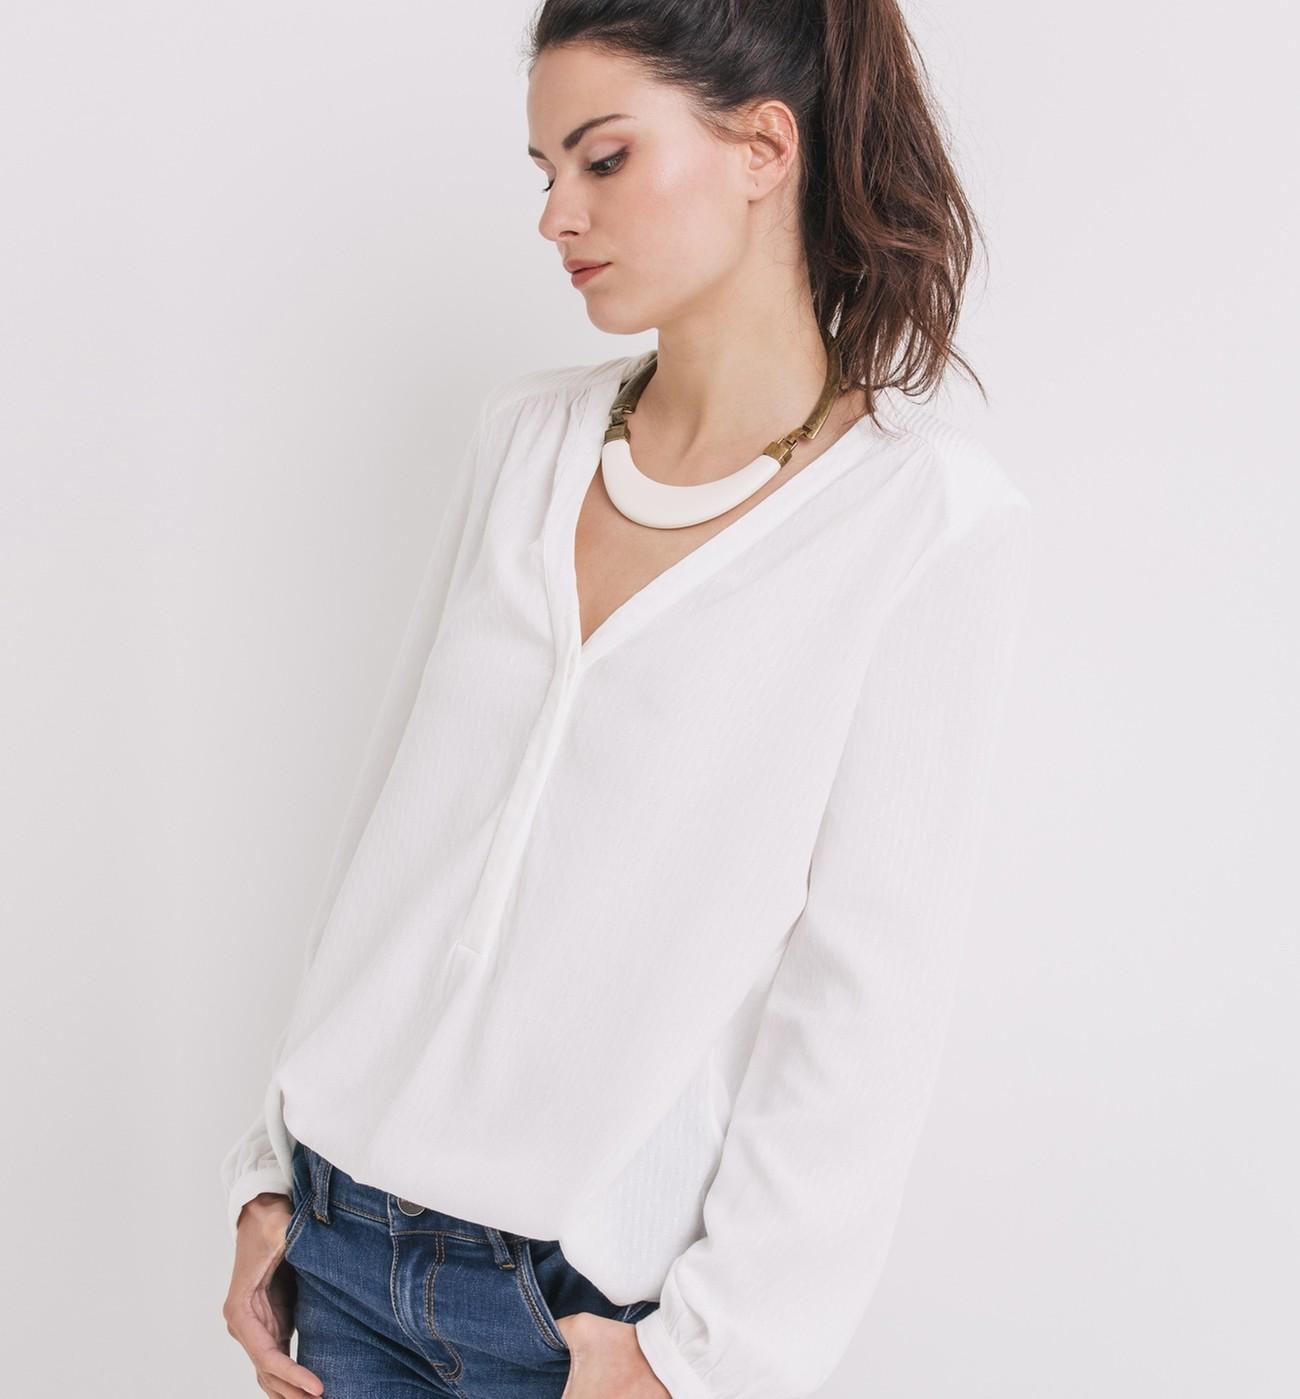 Женская белая рубашка без воротника